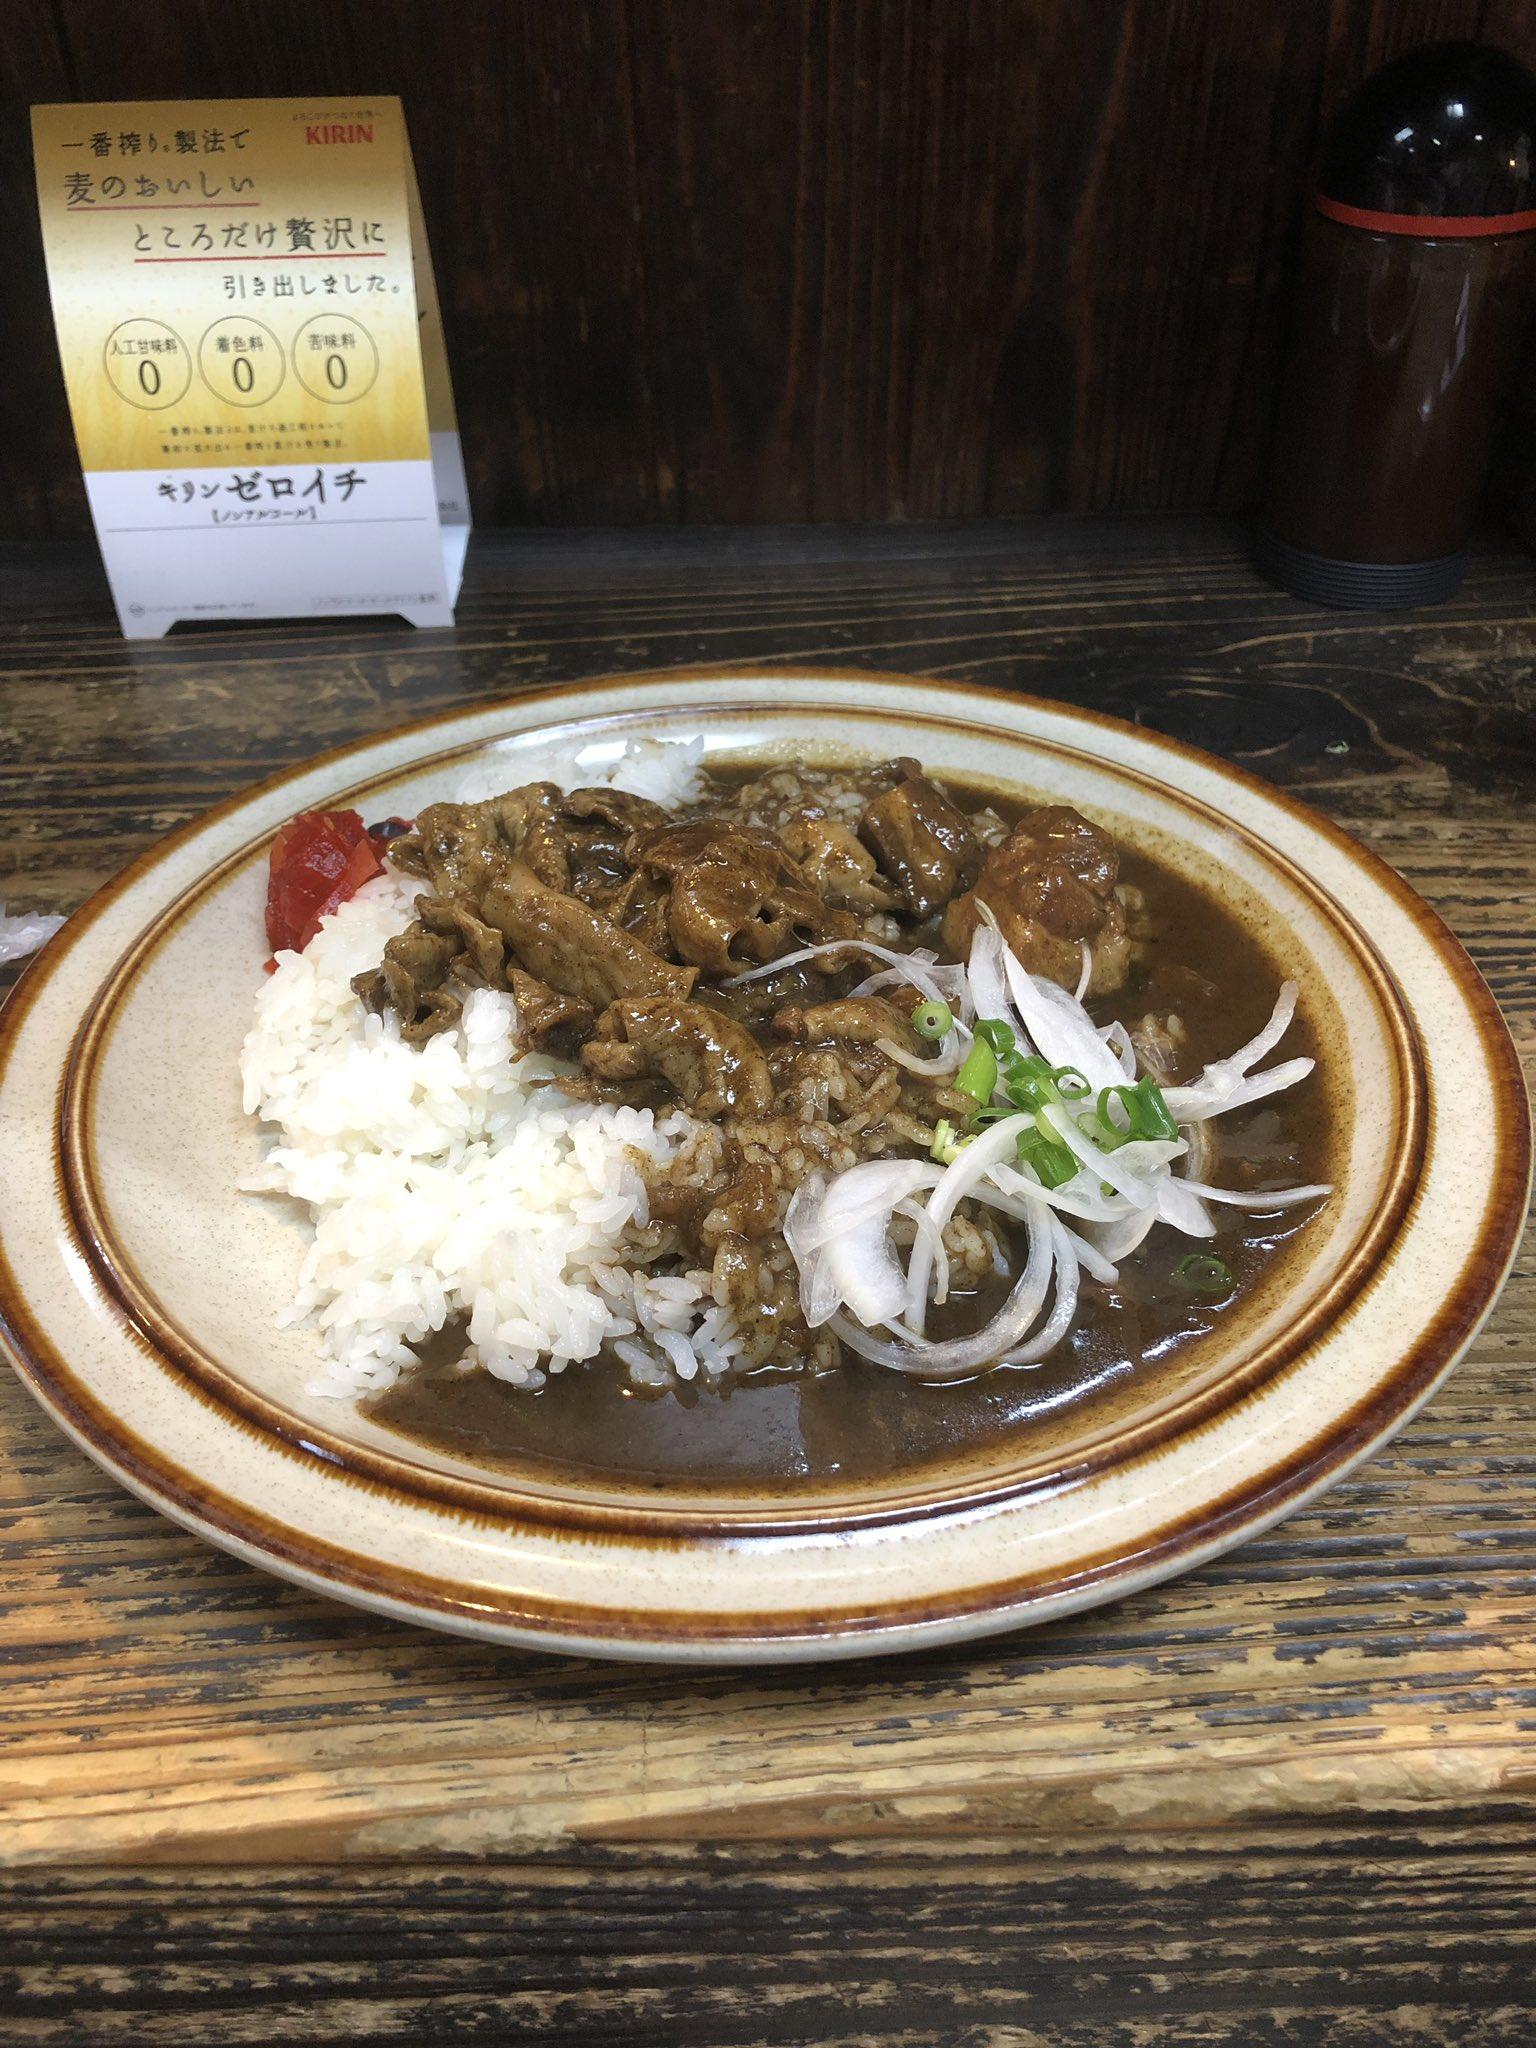 แกงกะหรี่ ญี่ปุ่น : แกงกะหรี่เครื่องในชิมิสึ (Shimizu Motsu Curry) จ.ชิซูโอกะ (SHIZUOKA)